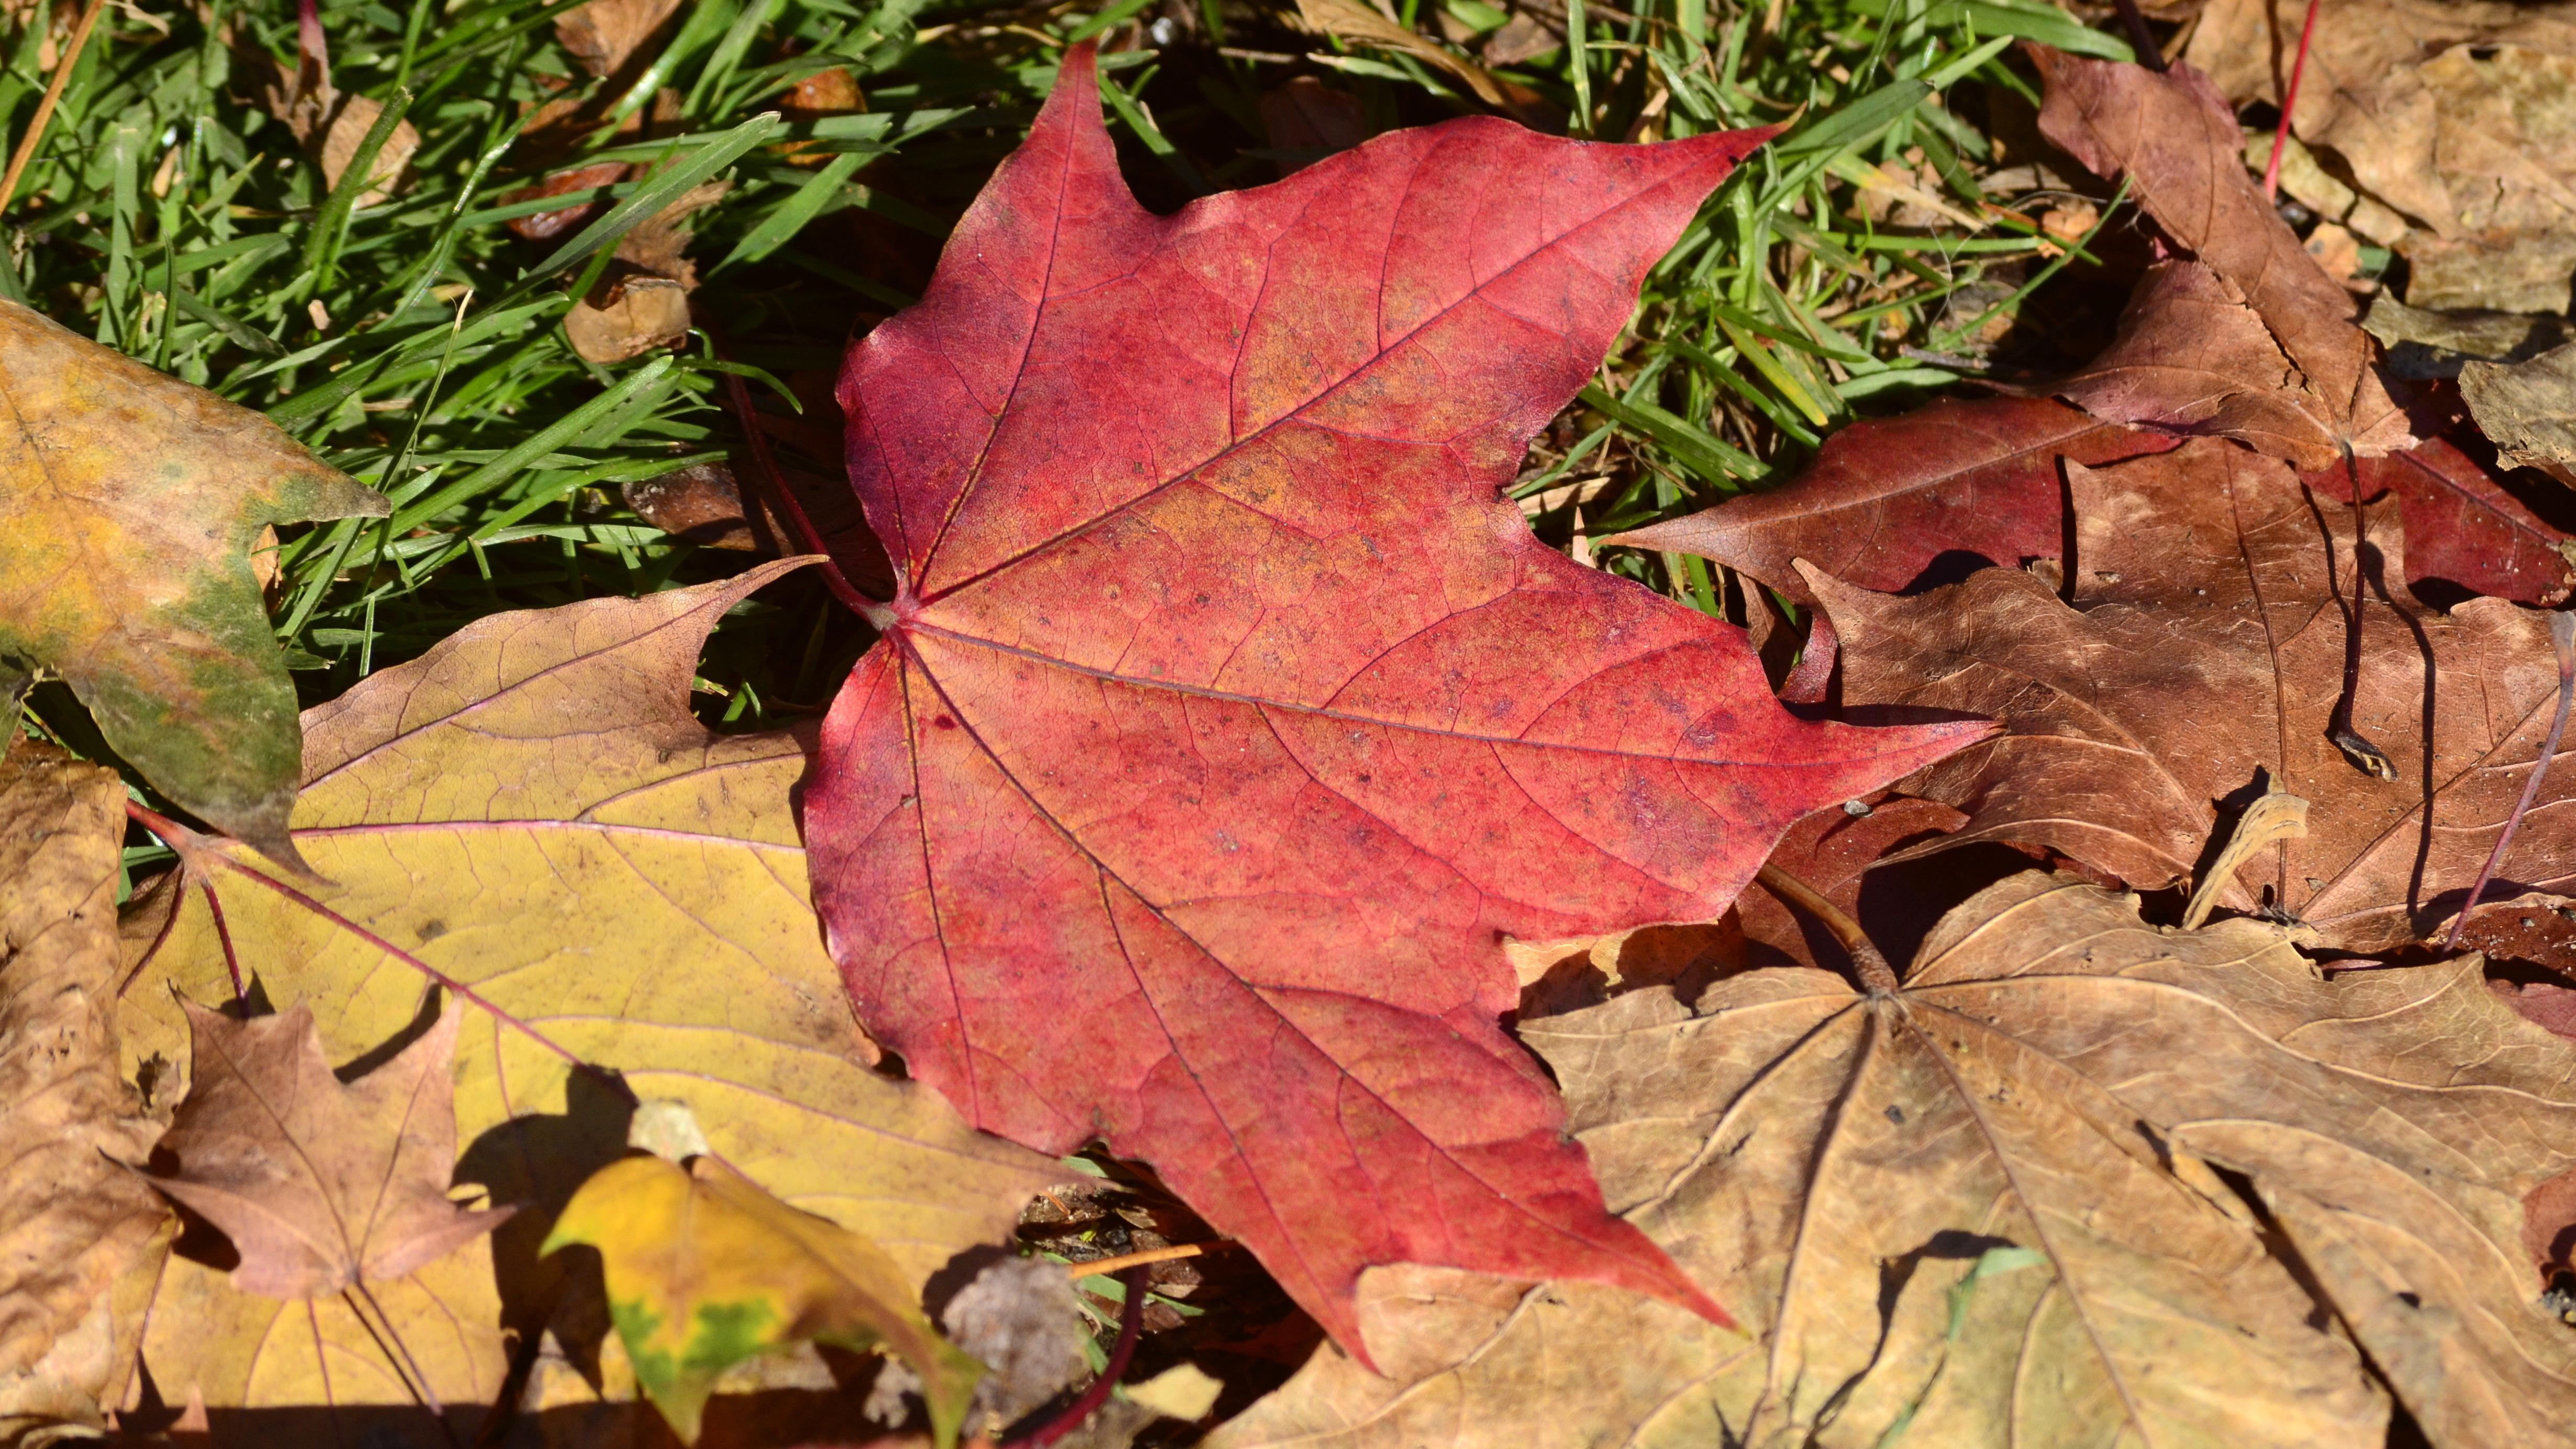 Bu yaprağın kırmızı renkli olmasını sağlayan, antosiyanin pigmentleridir. Antosiyanin pigmentleri bitki hücresinin sitoplazmasında flavonoid yoluyla üretilen, suda çözünebilen pigmentlerdir. Şeker molekülünün bağlanması ile birlikte depolandıkları vakuolde özellikle çözünür hale gelirler. Antosiyaninler mavi-yeşil dalga boylarındaki ışığı absorbe ederek, bitki tarafından kırmızı dalga boylarının dağılmasını sağlarlar.